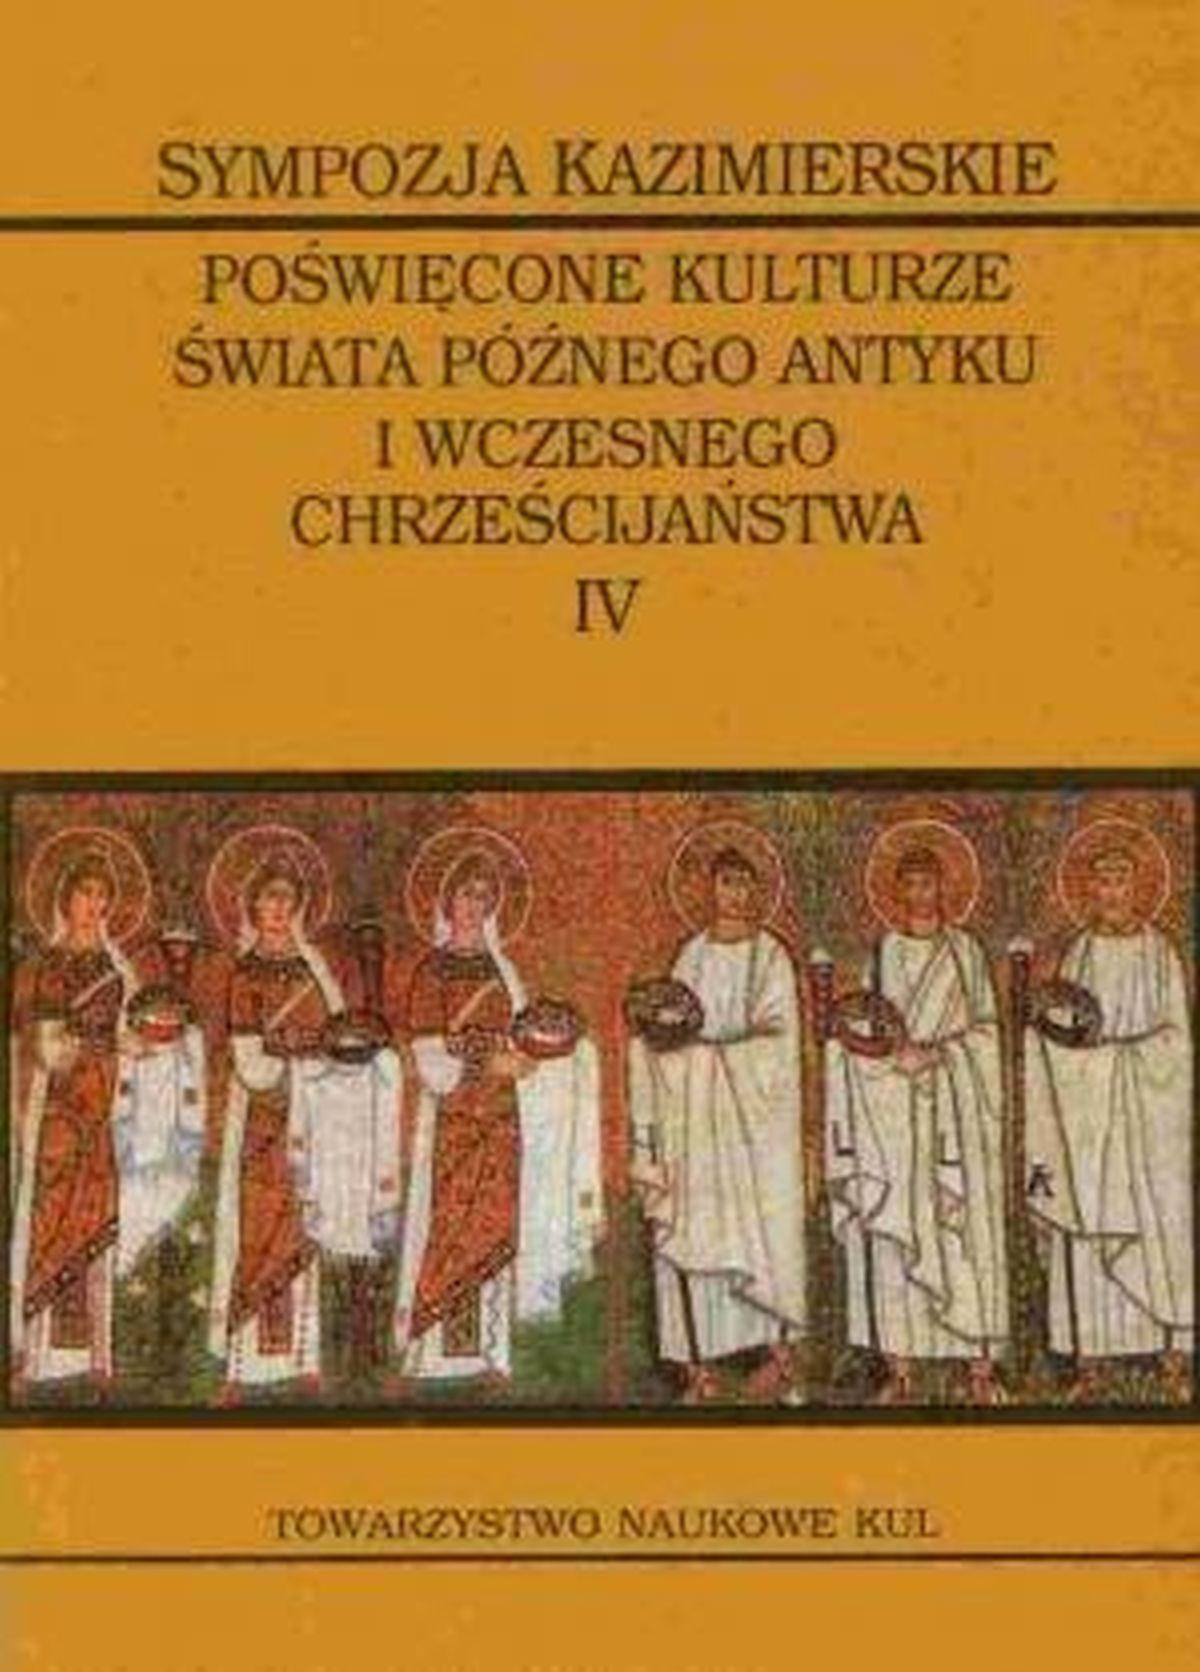 Sympozja kazimierskie poświęcone kulturze świata późnego antyku i wczesnego chrześcijaństwa. Tom IV. Męczennicy w świecie późnego antyku